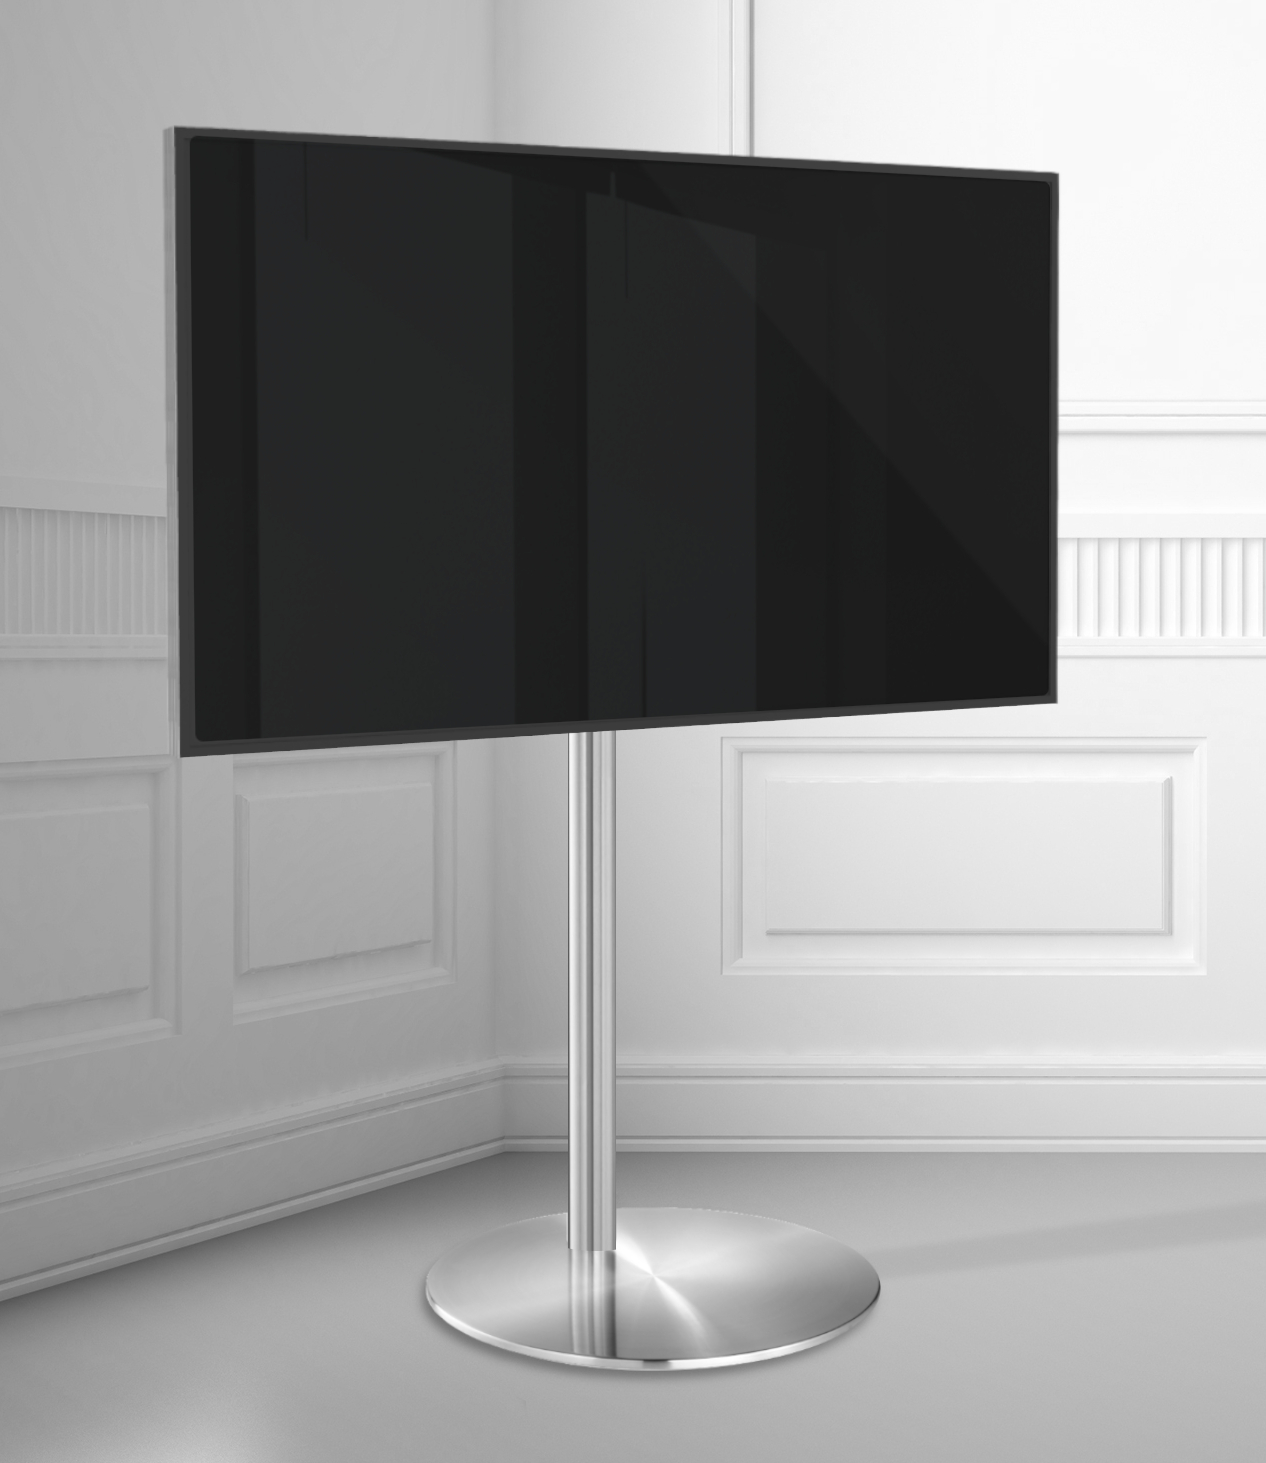 Tv Vloerstandaard Cavus Sphere [S] 100CM RVS